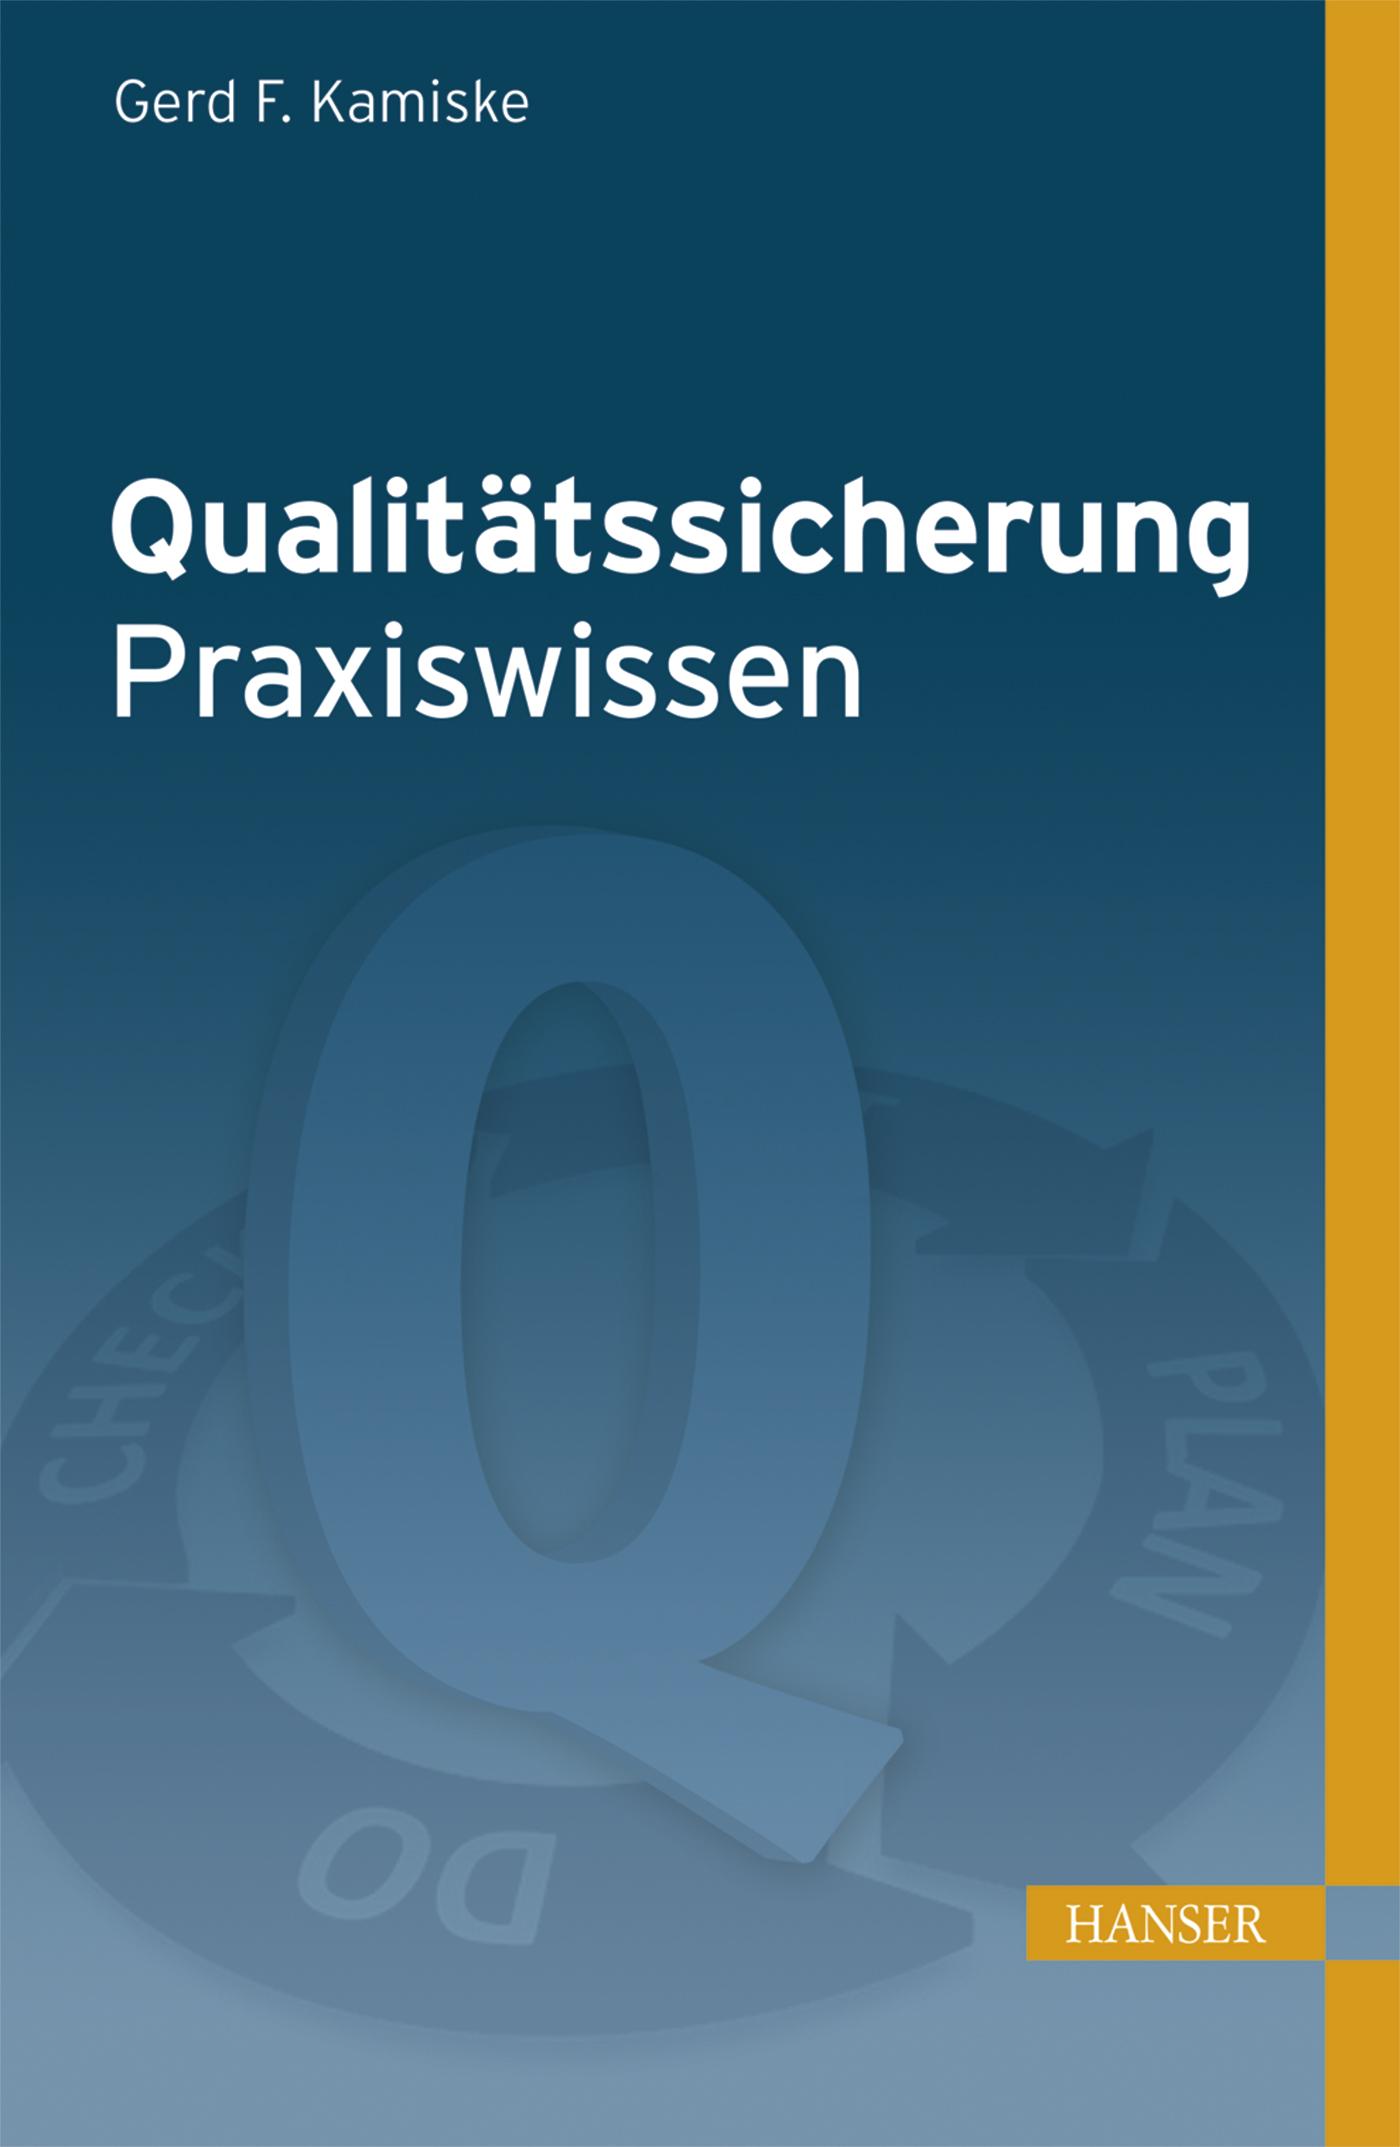 Kamiske, Qualitätssicherung - Praxiswissen, 978-3-446-44515-4